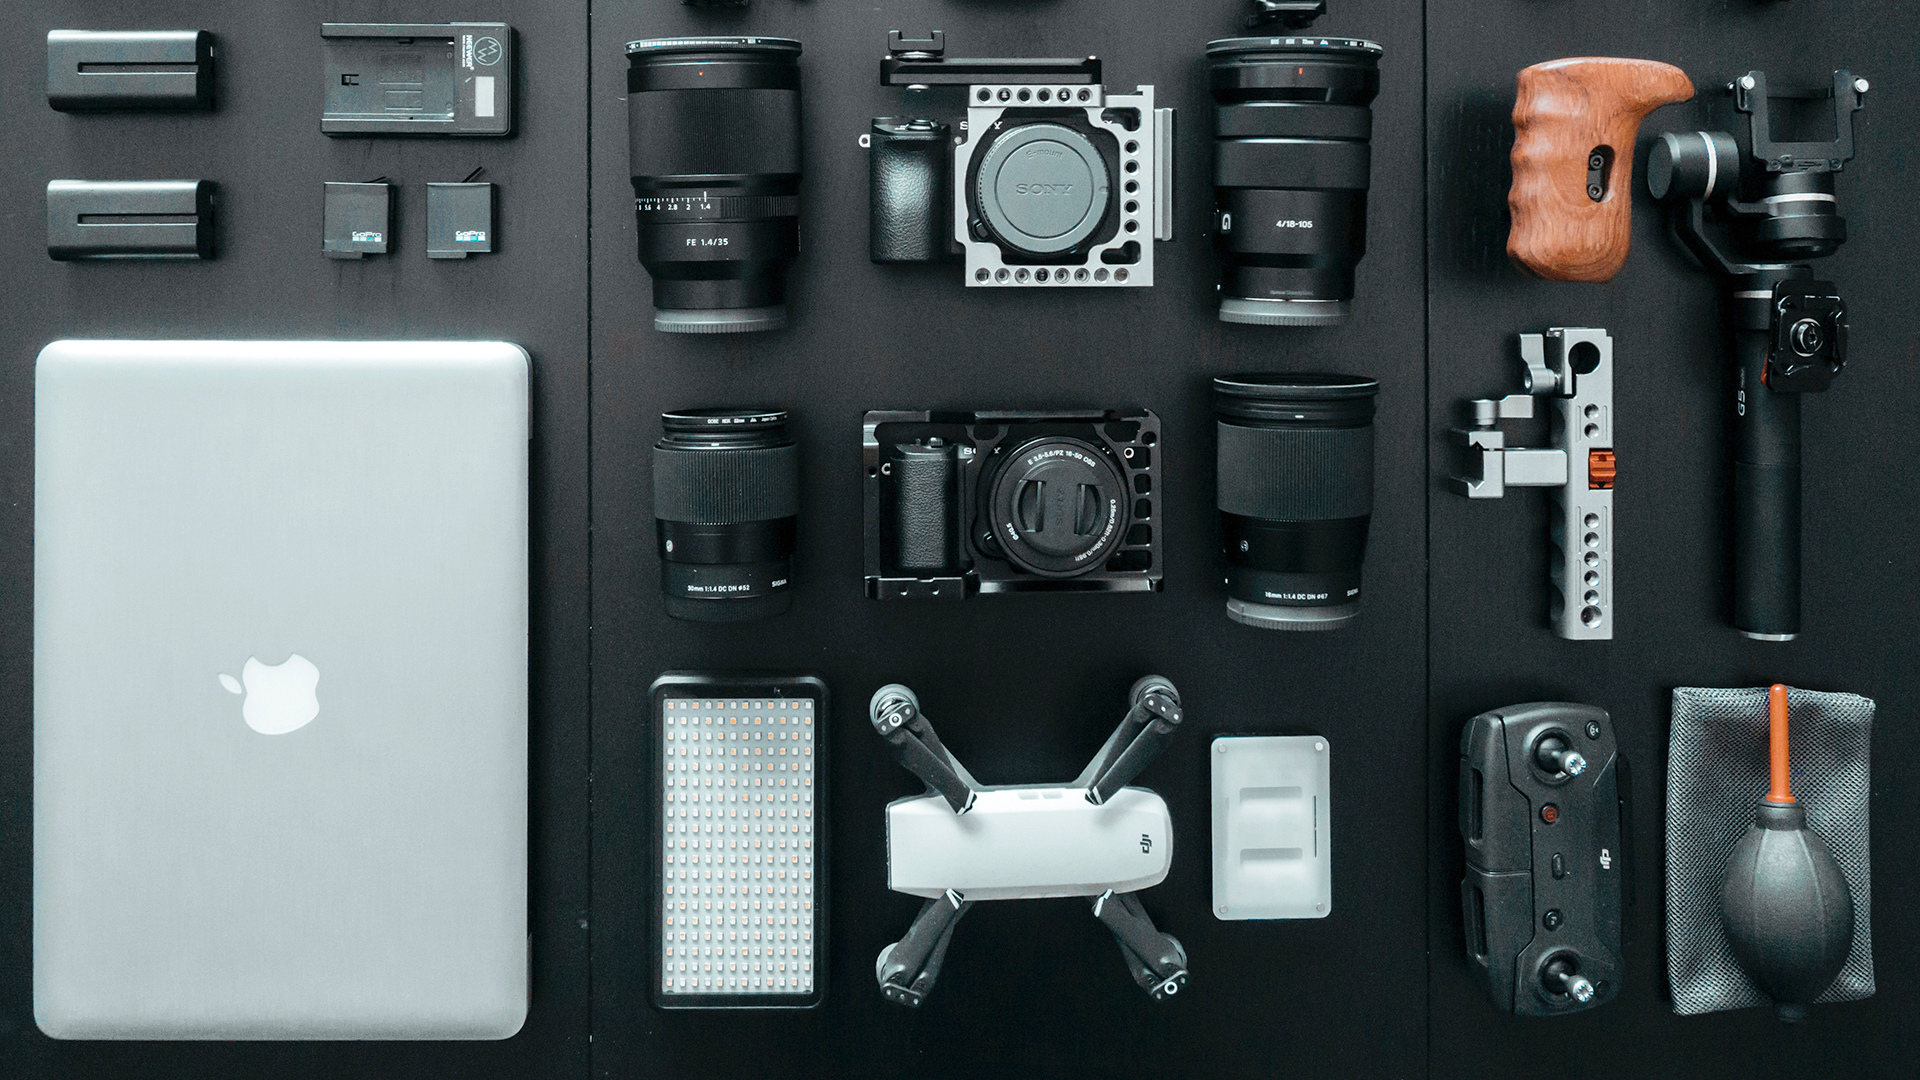 El futuro es... ¡Diminuto! El advenimiento de las cámaras mirrorless de alta calidad